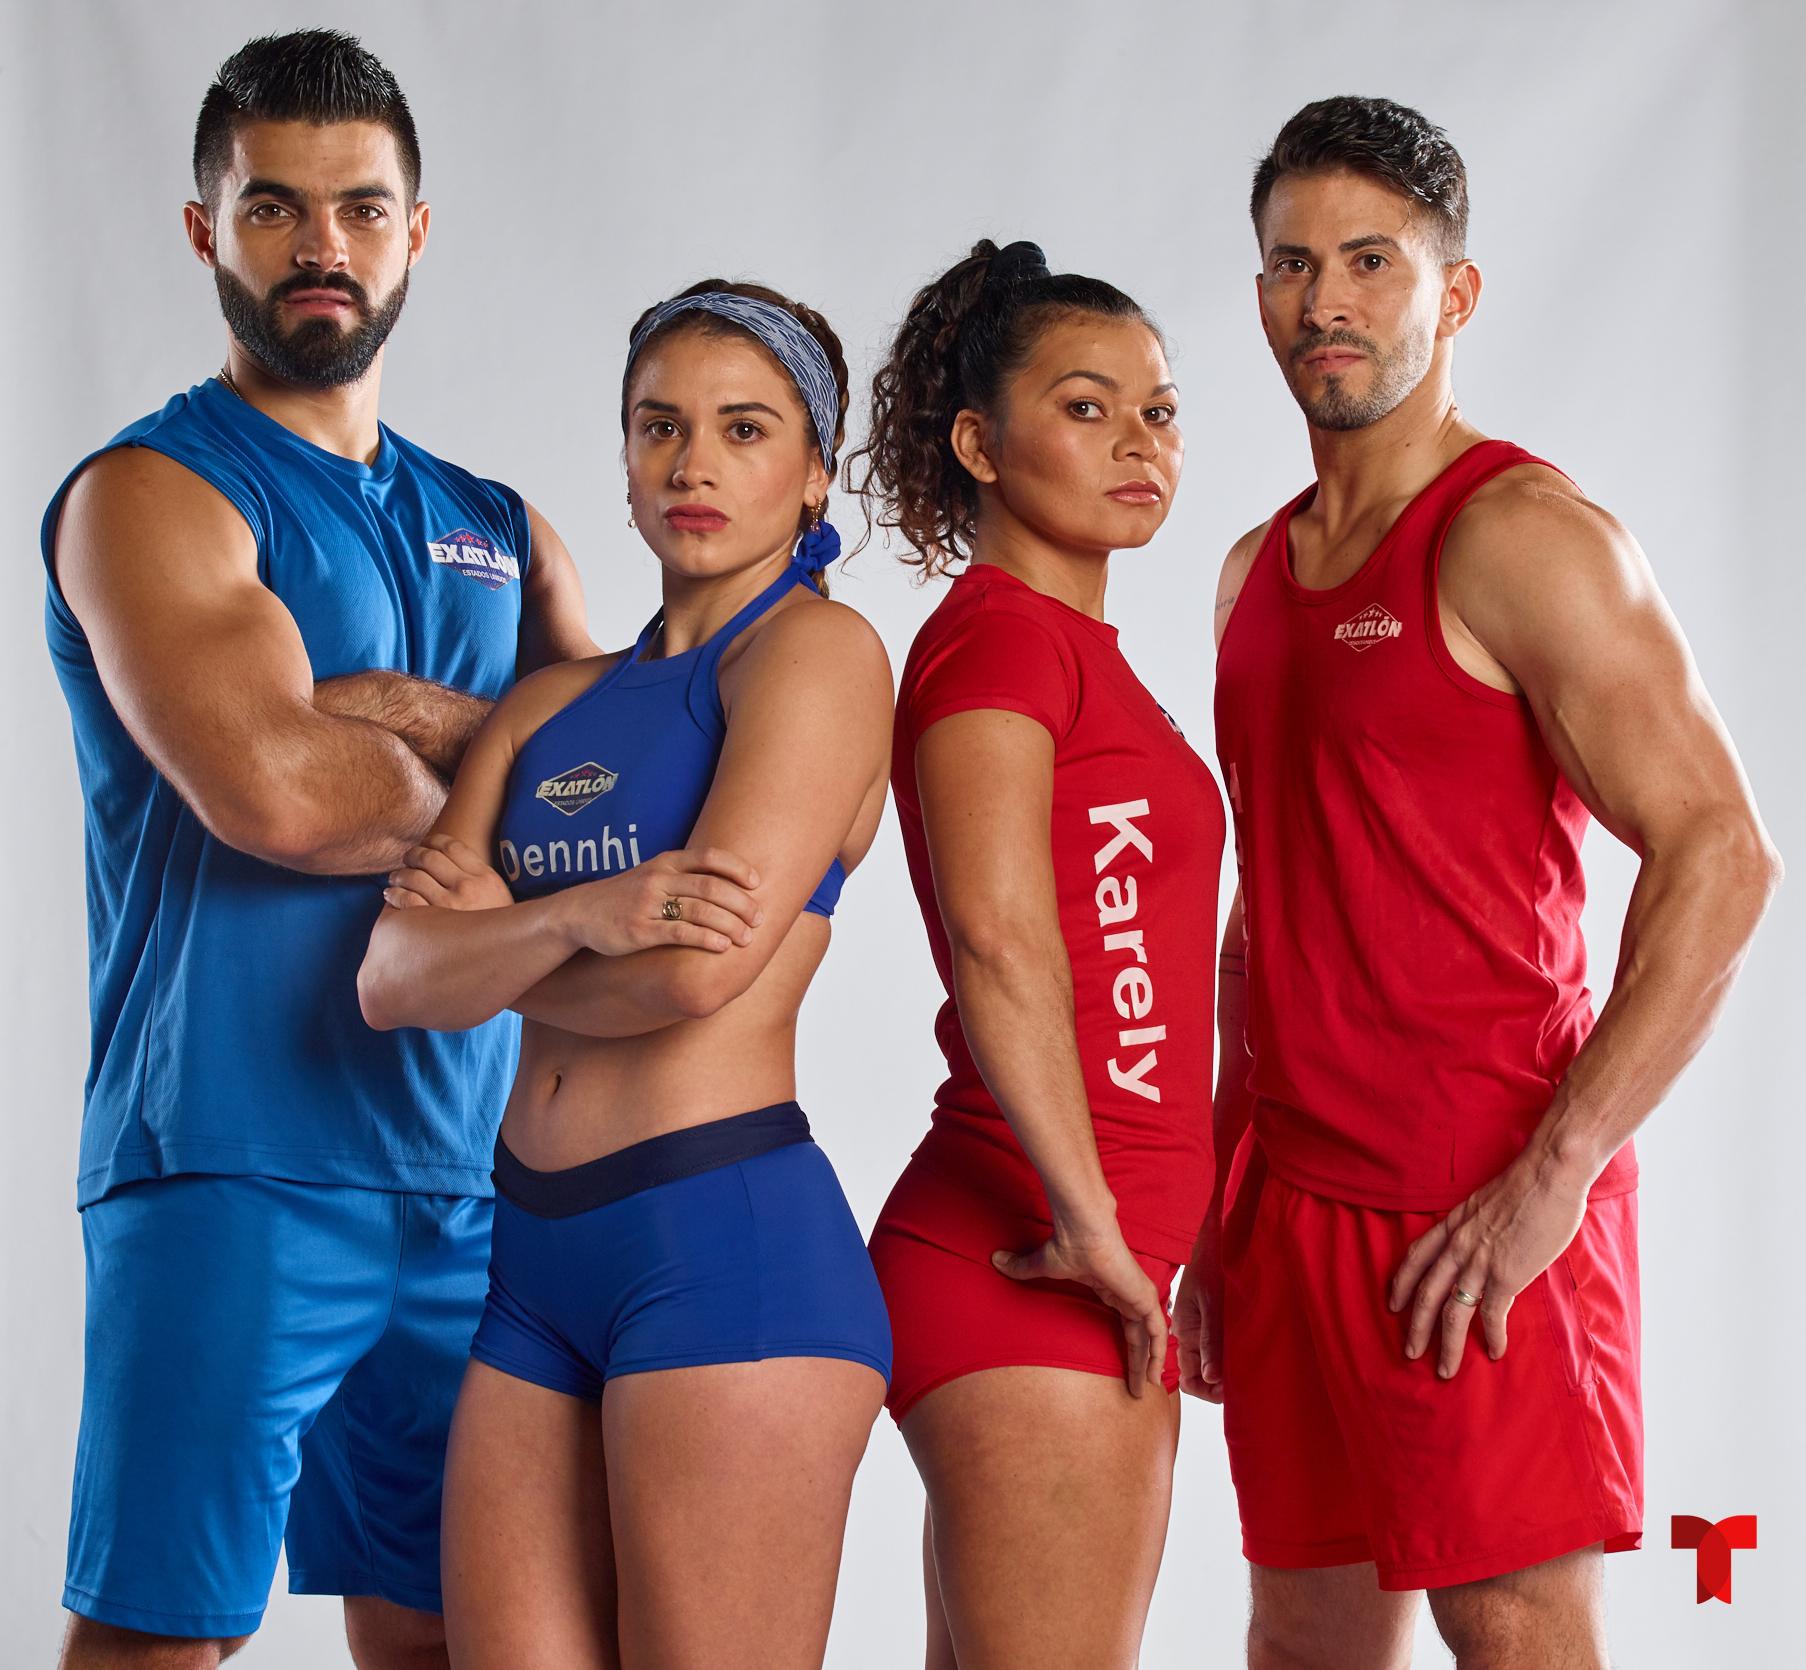 """Los atletas que regresan al """"Exatlón"""" en su cuarta temporada / Foto: Telemundo"""